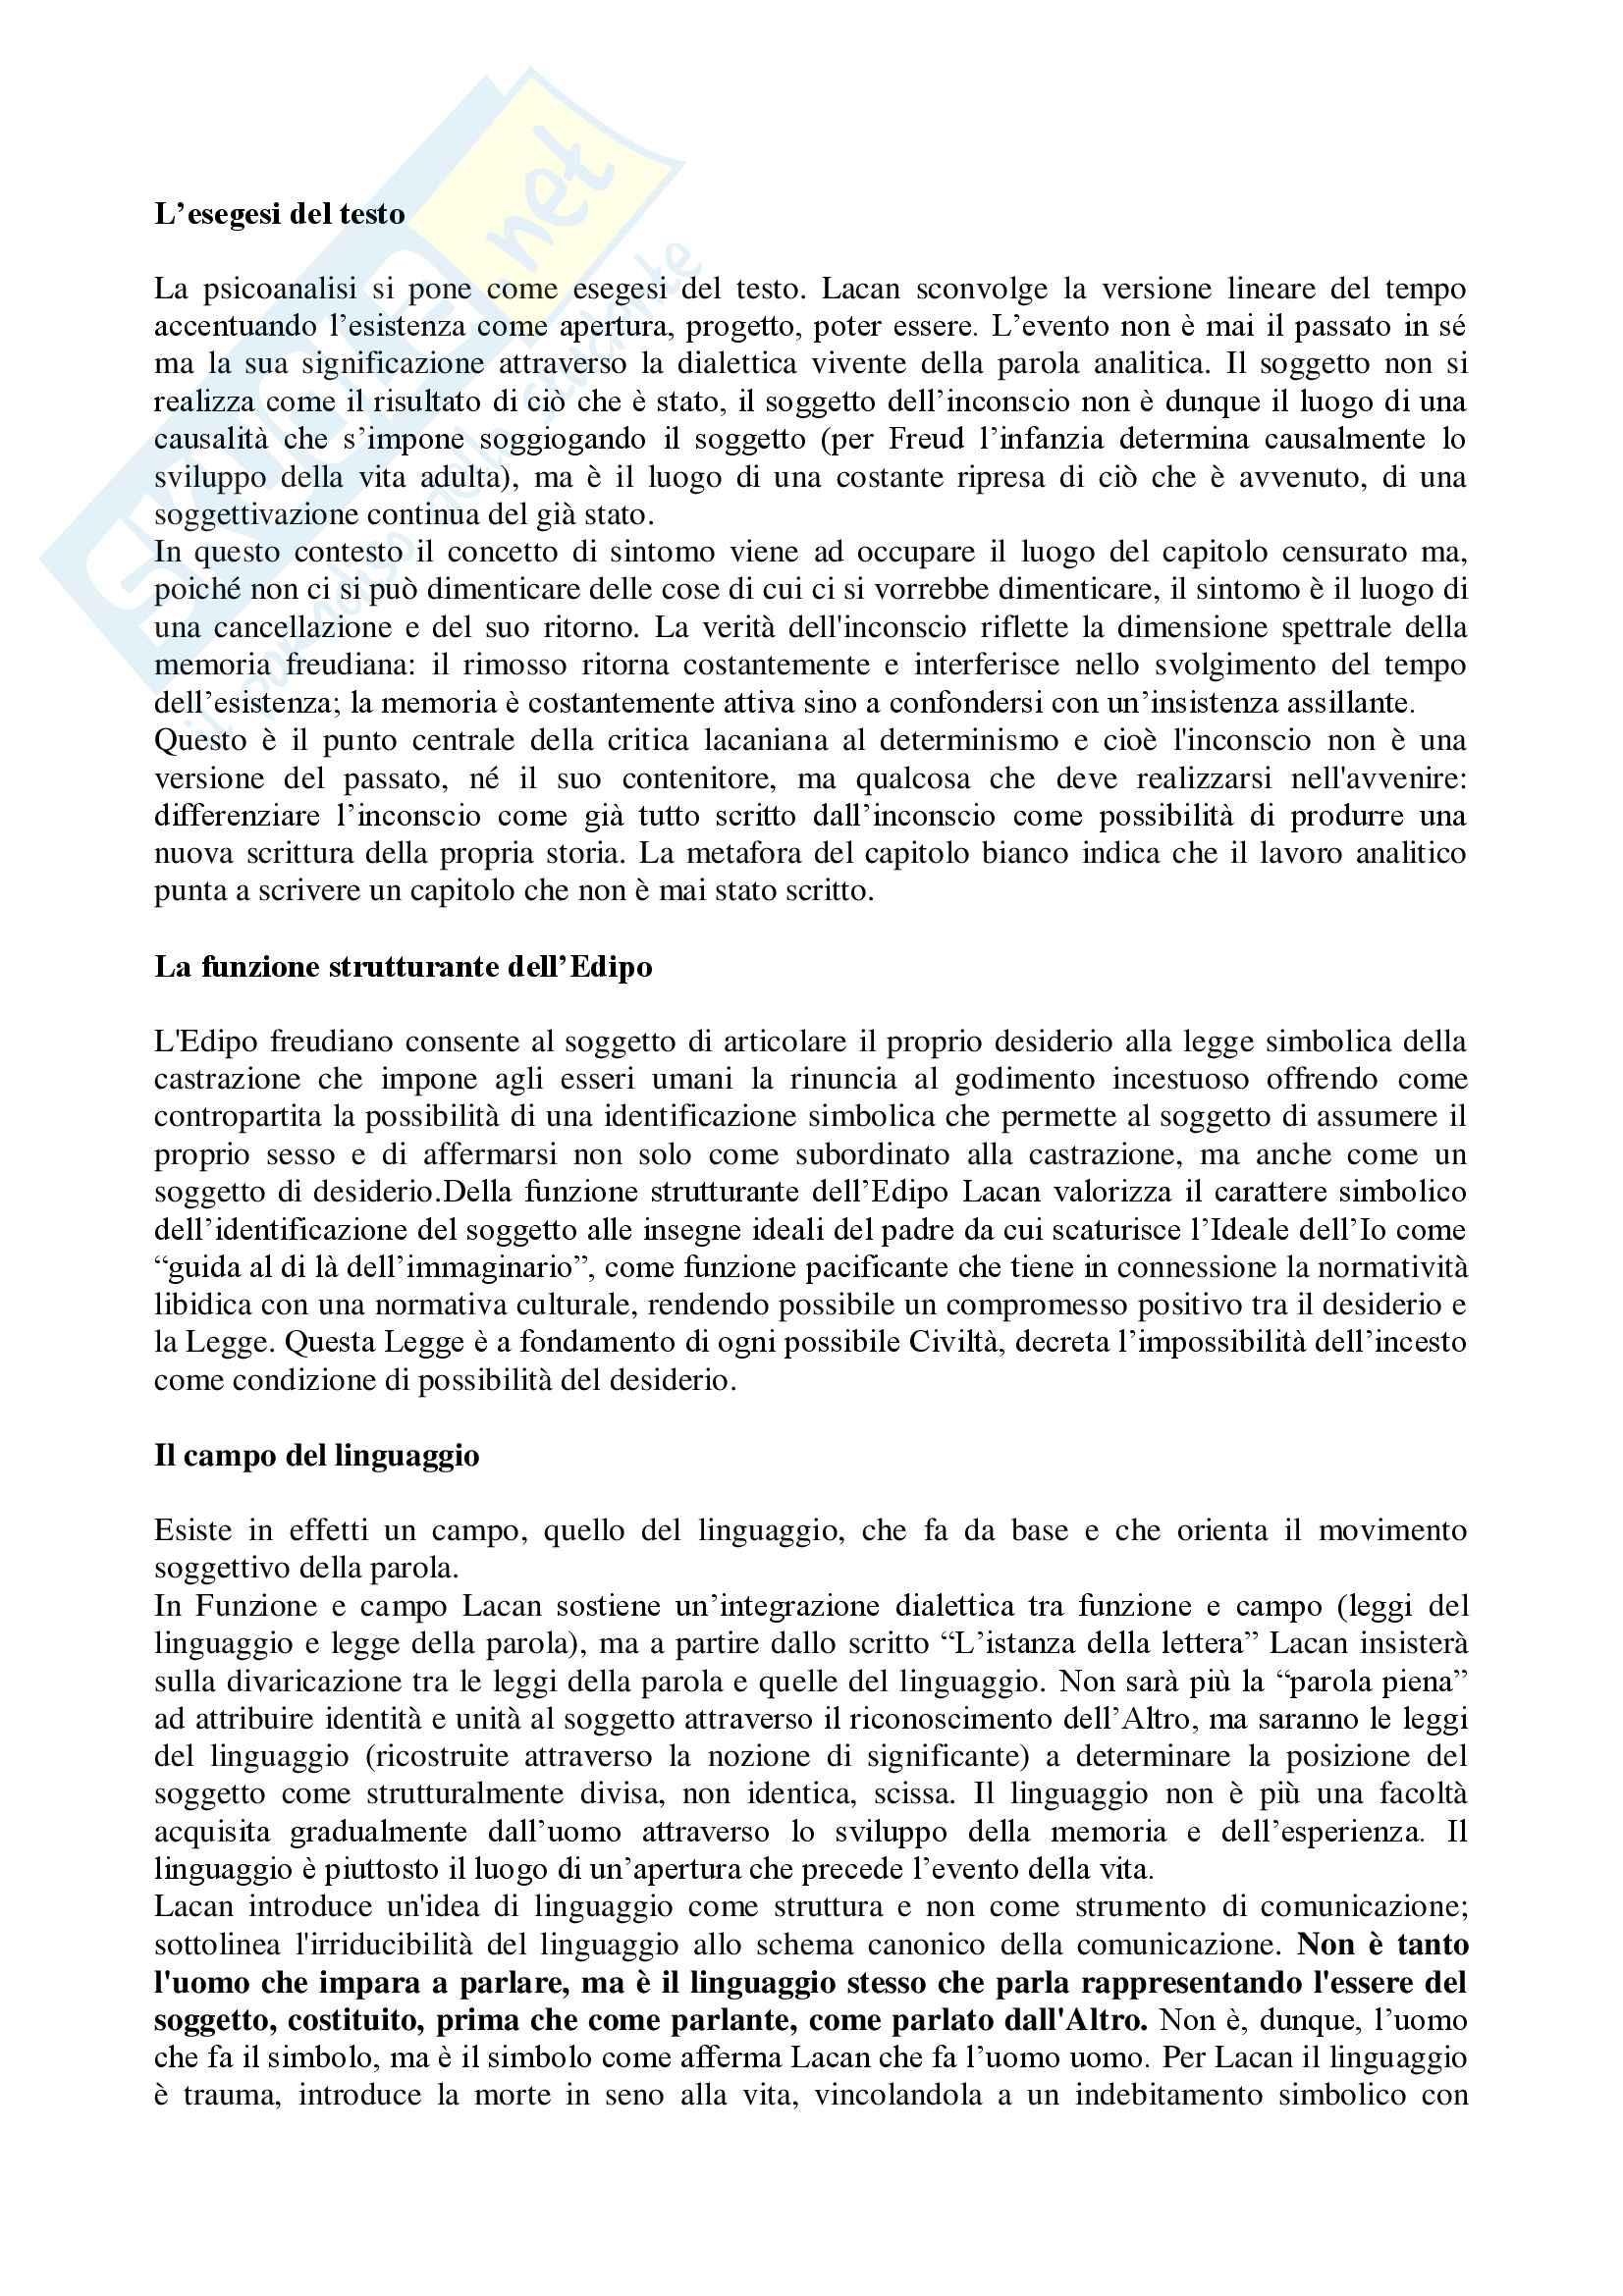 Riassunto esame Psicologia della devianza, Prof. Lo Castro, testo consigliato Massimo Recalcati -Jacques Lacan: desiderio, godimento e soggettivazione Pag. 36